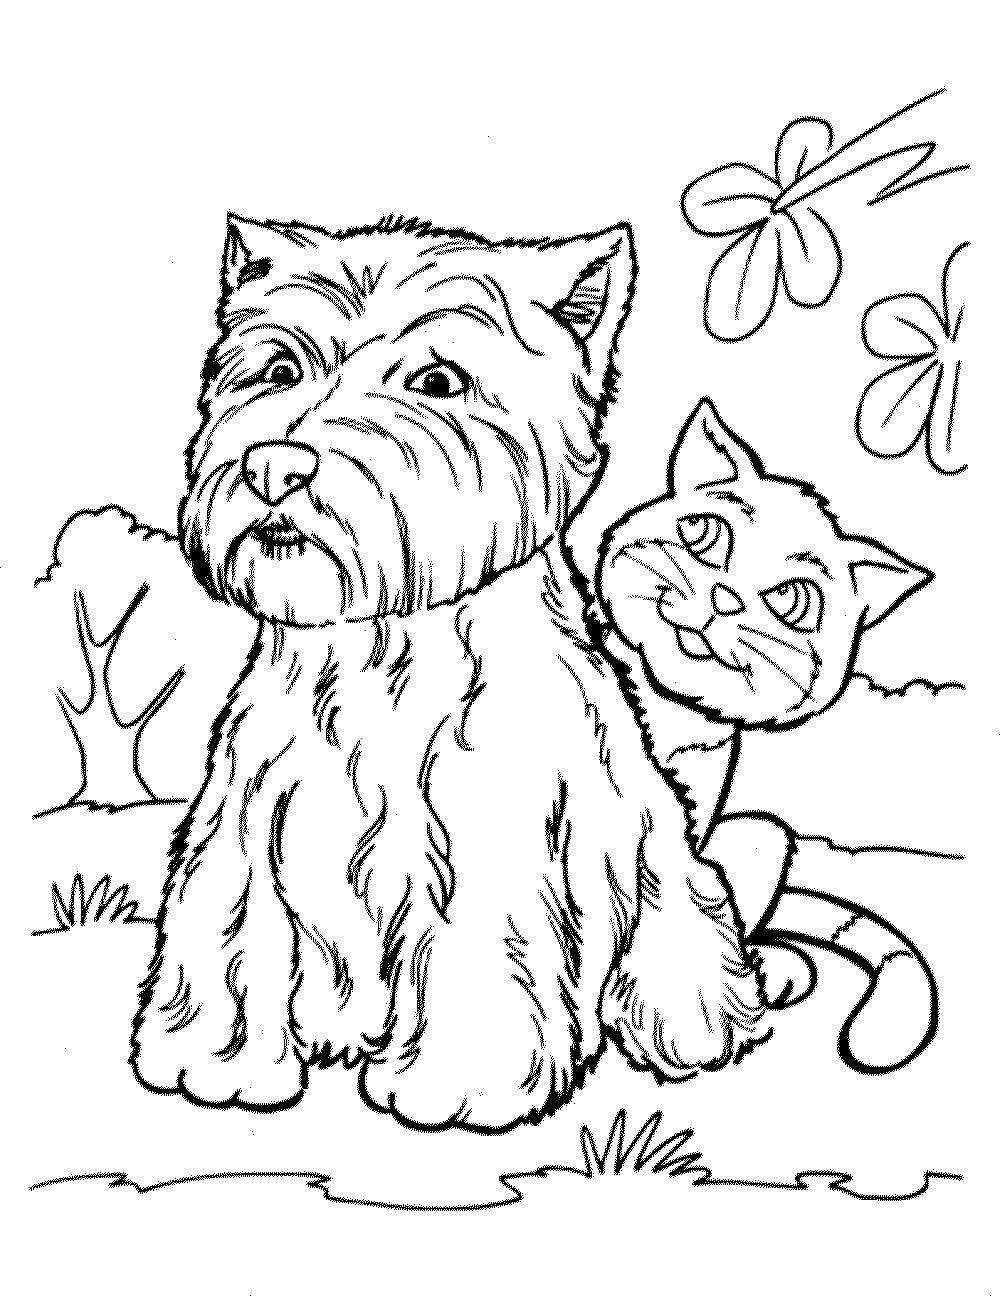 Раскраски Раскраска Длинношерстый пес домашние животные ...